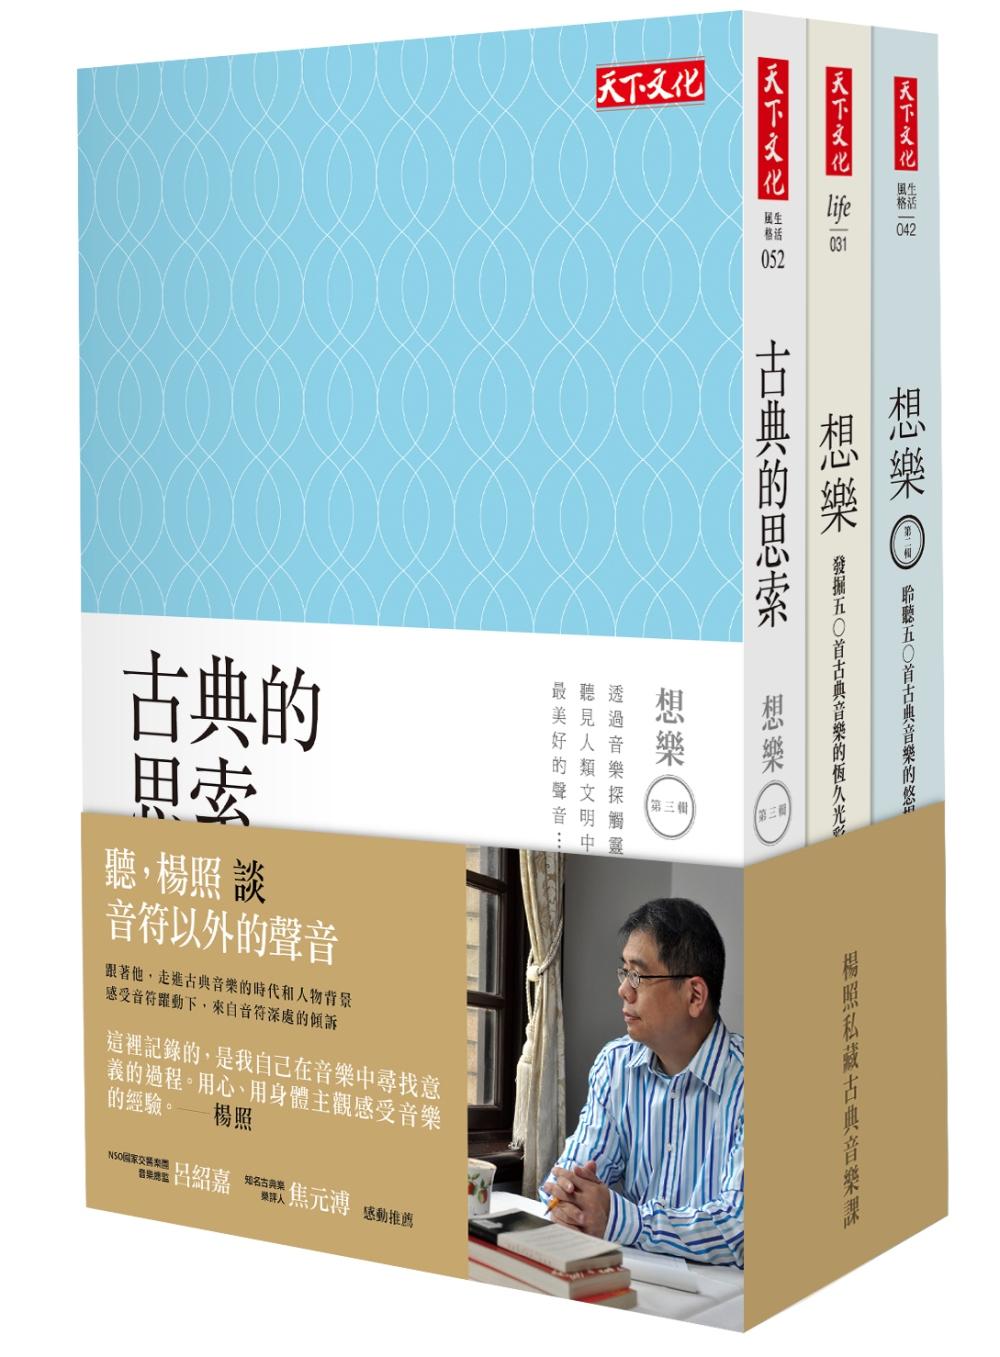 想樂系列套書:《想樂》、《想樂:第二輯》《古典的思索》